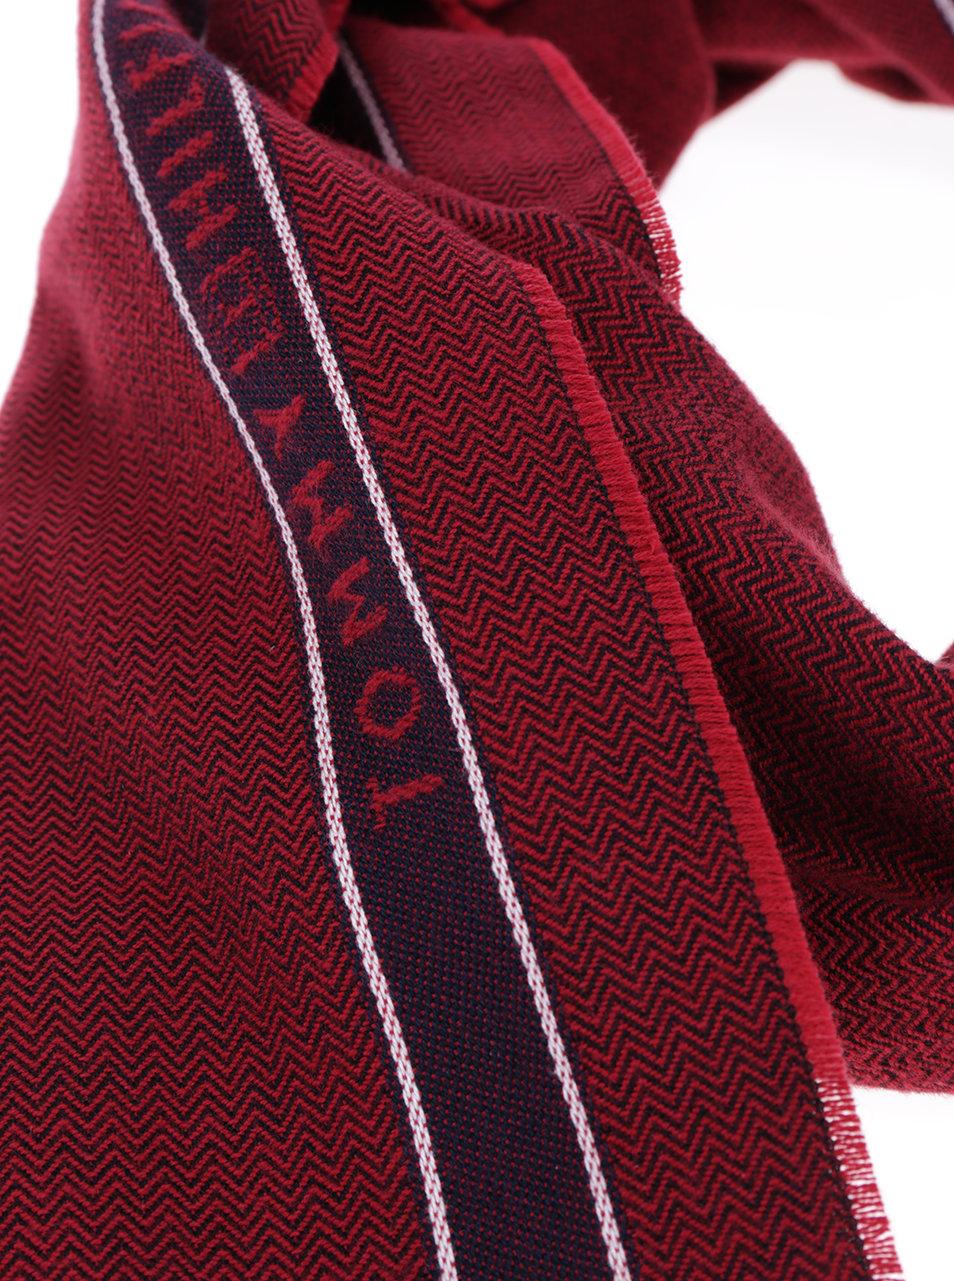 81f1833a79d Červená pánská šála Tommy Hilfiger Selvedge Herringbone ...